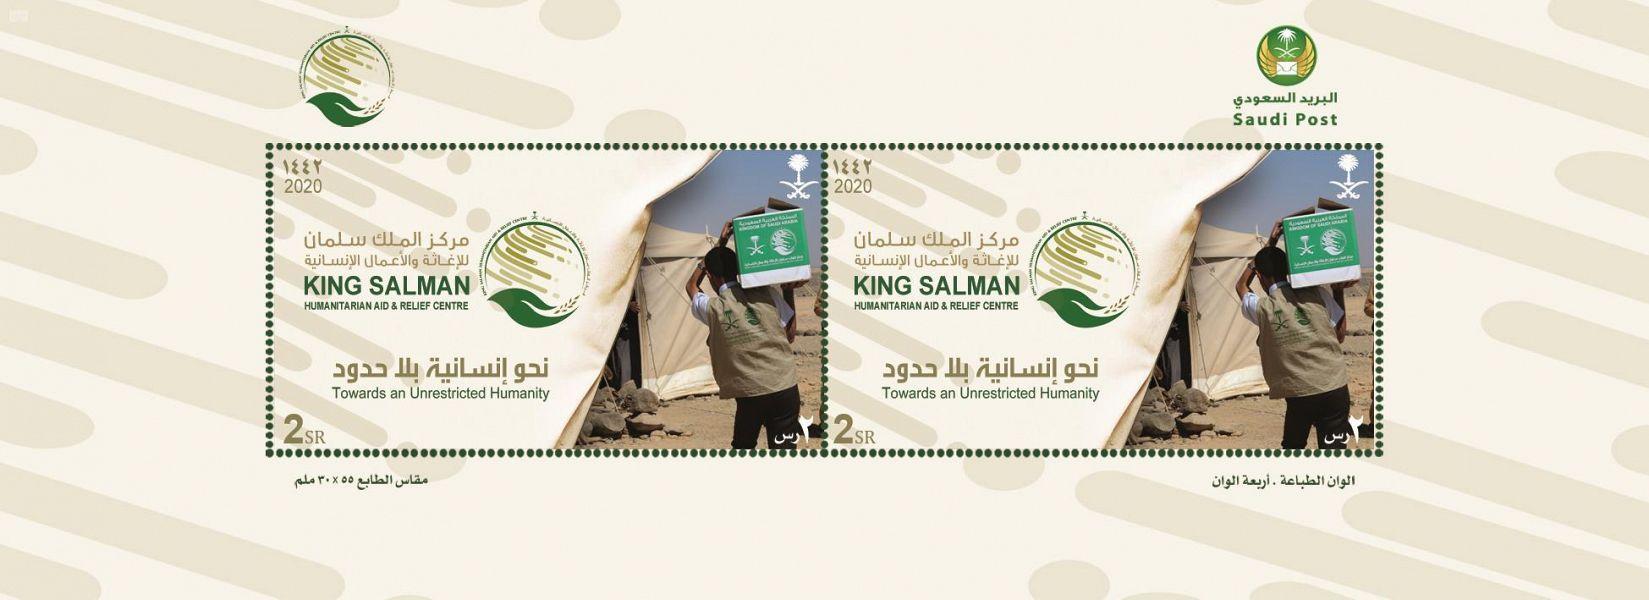 مؤسسة البريد تصدر طابعاً تذكارياً لمركز الملك سلمان للإغاثة الإنسانية